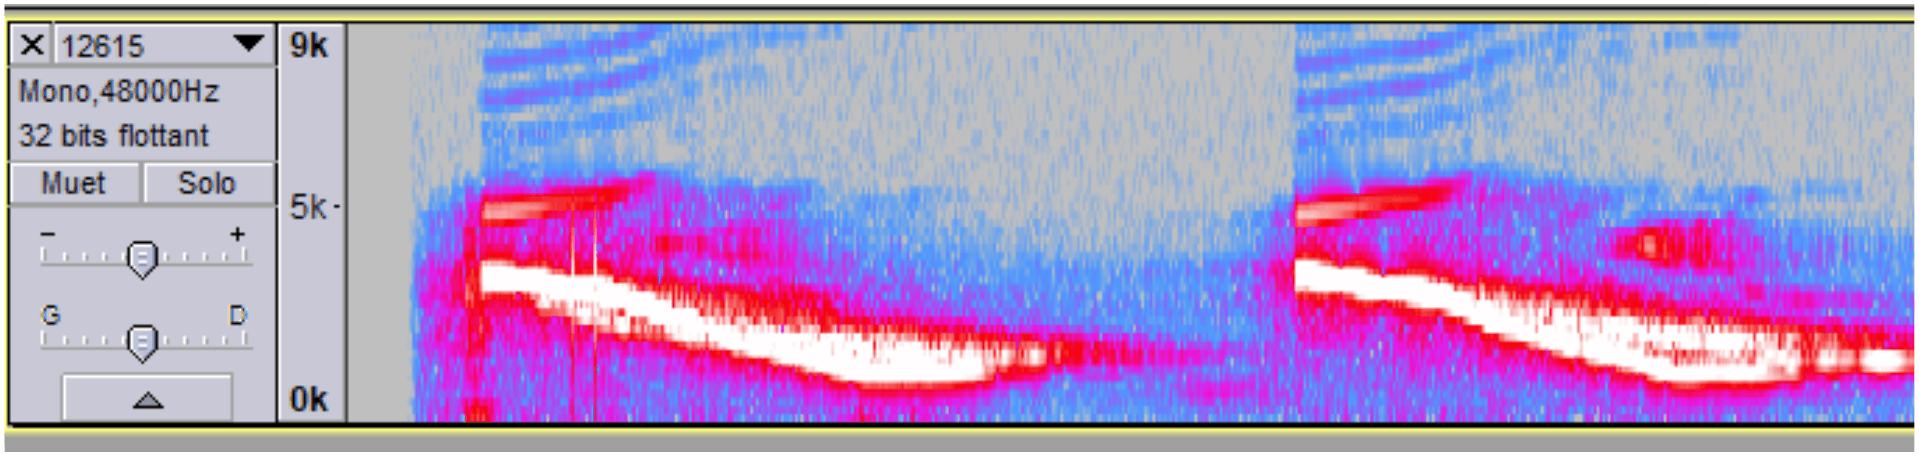 Audacity : variations de fréquence du son